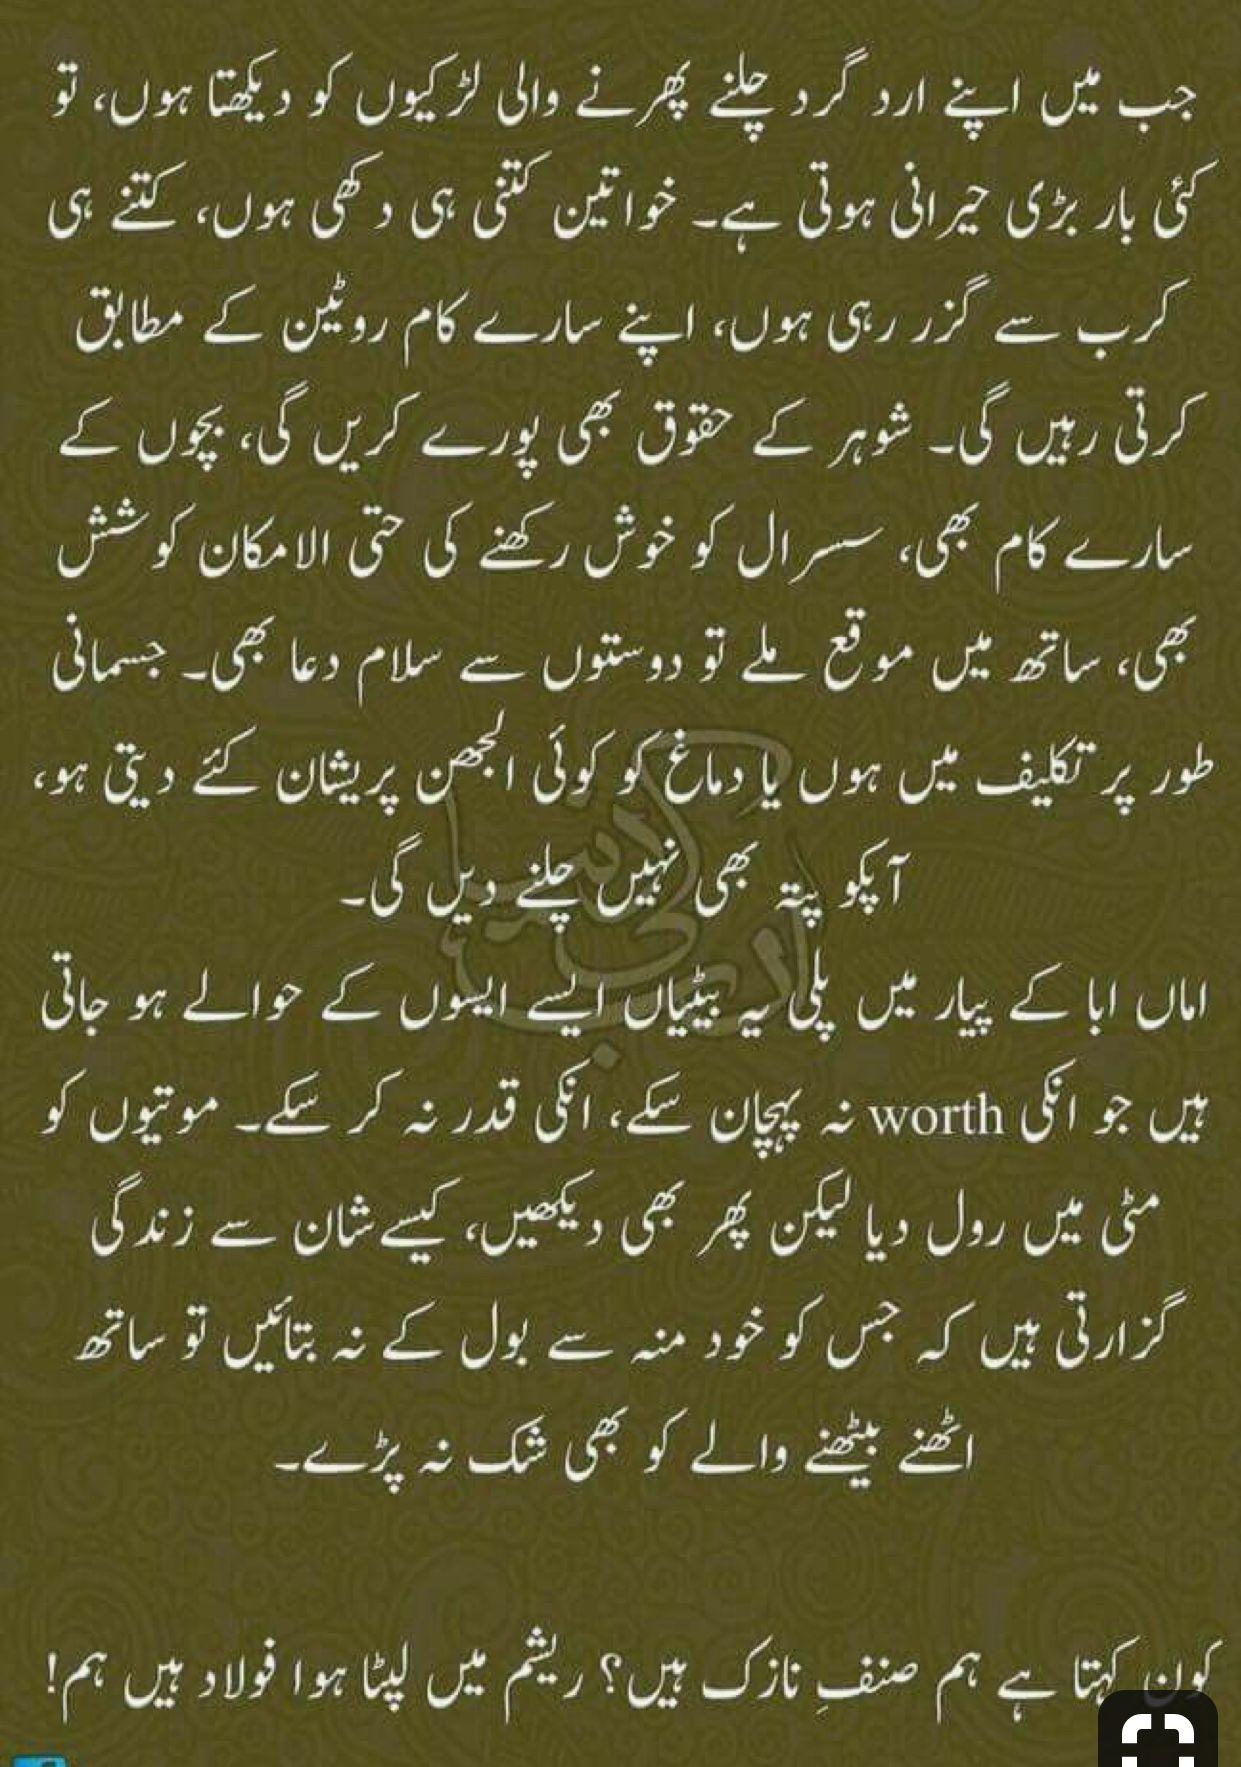 Pin by shaheen perwaz on Ahadees & Qoutes in Urdu in 2020 ...